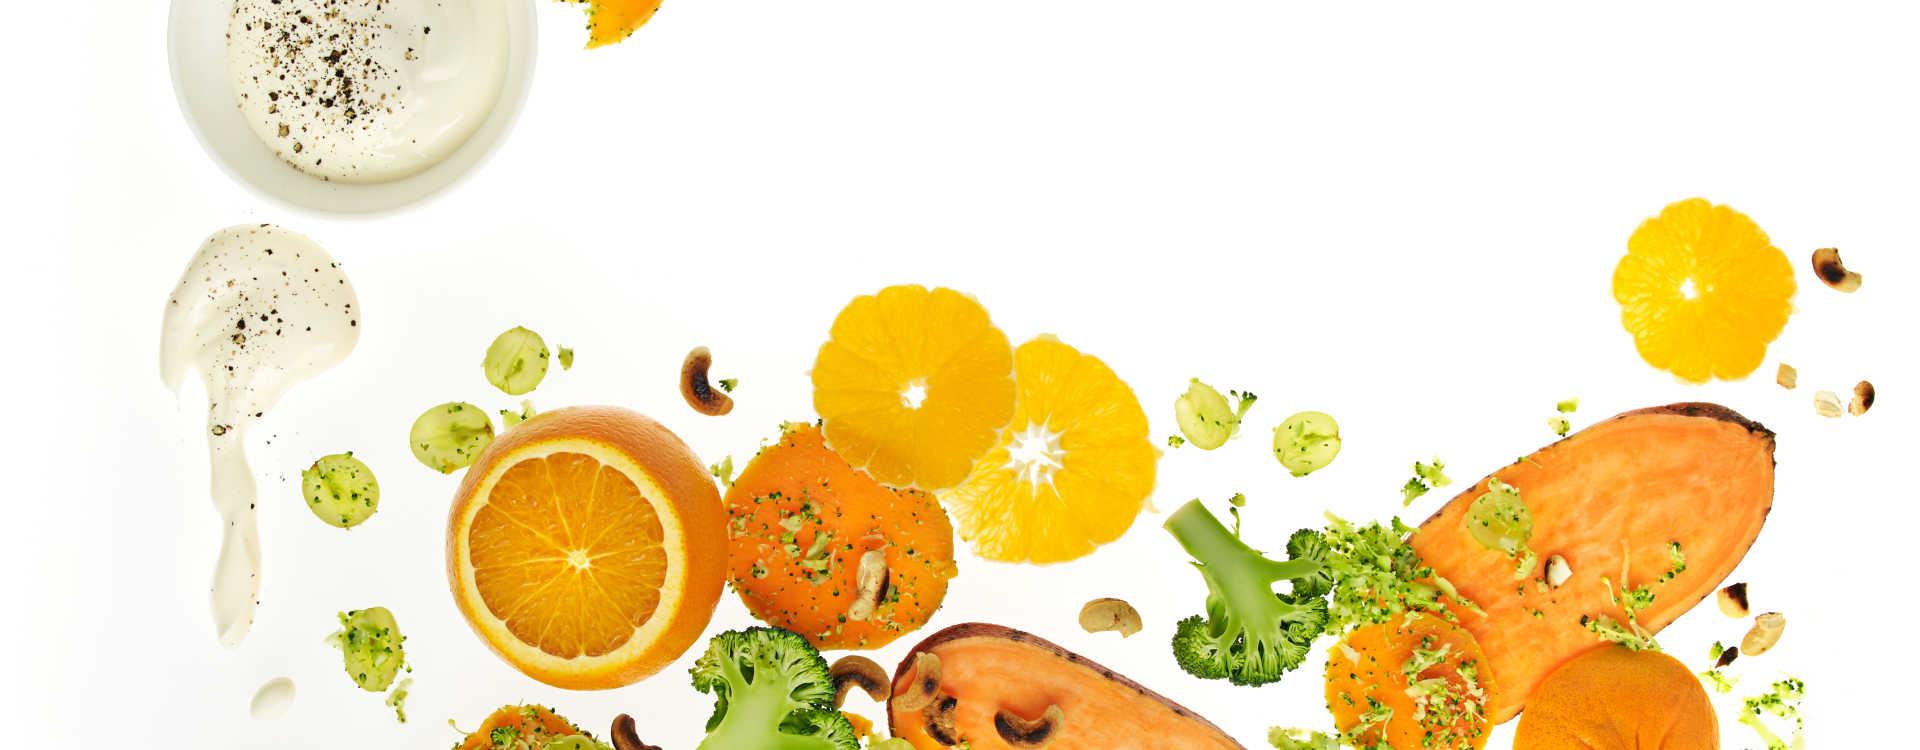 Søtpotetsalat med brokkoli og appelsin